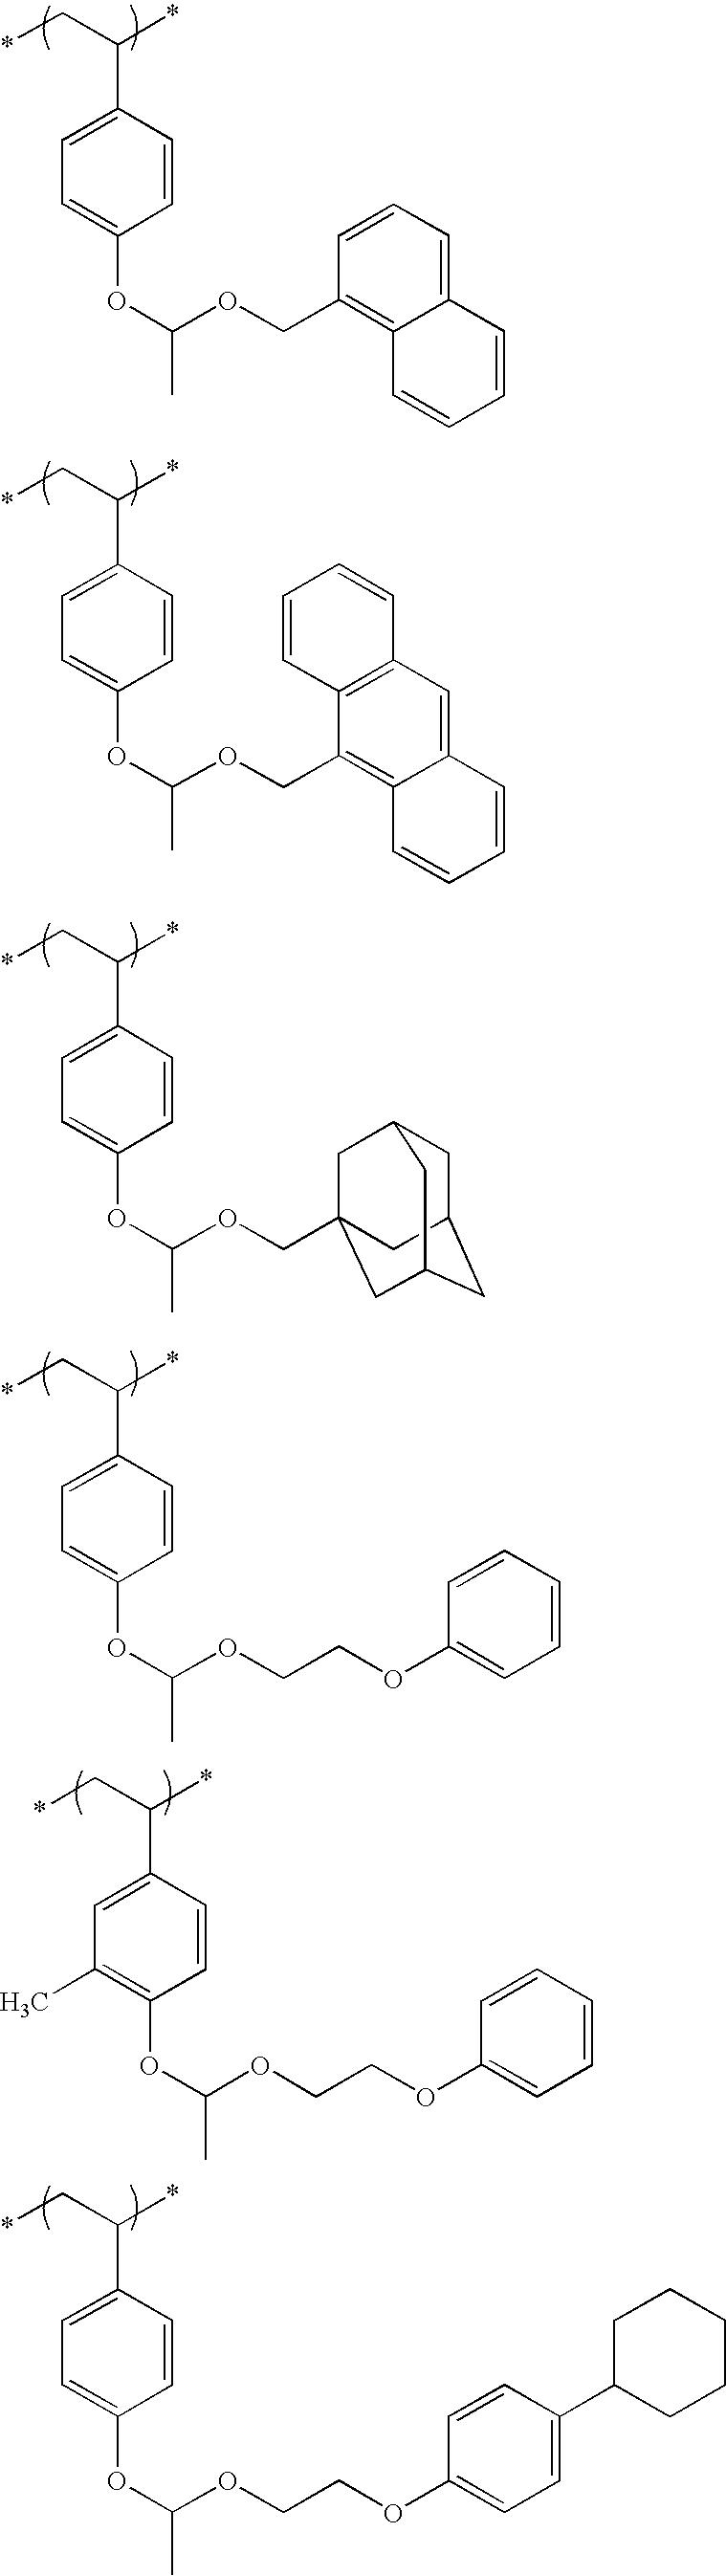 Figure US08852845-20141007-C00089